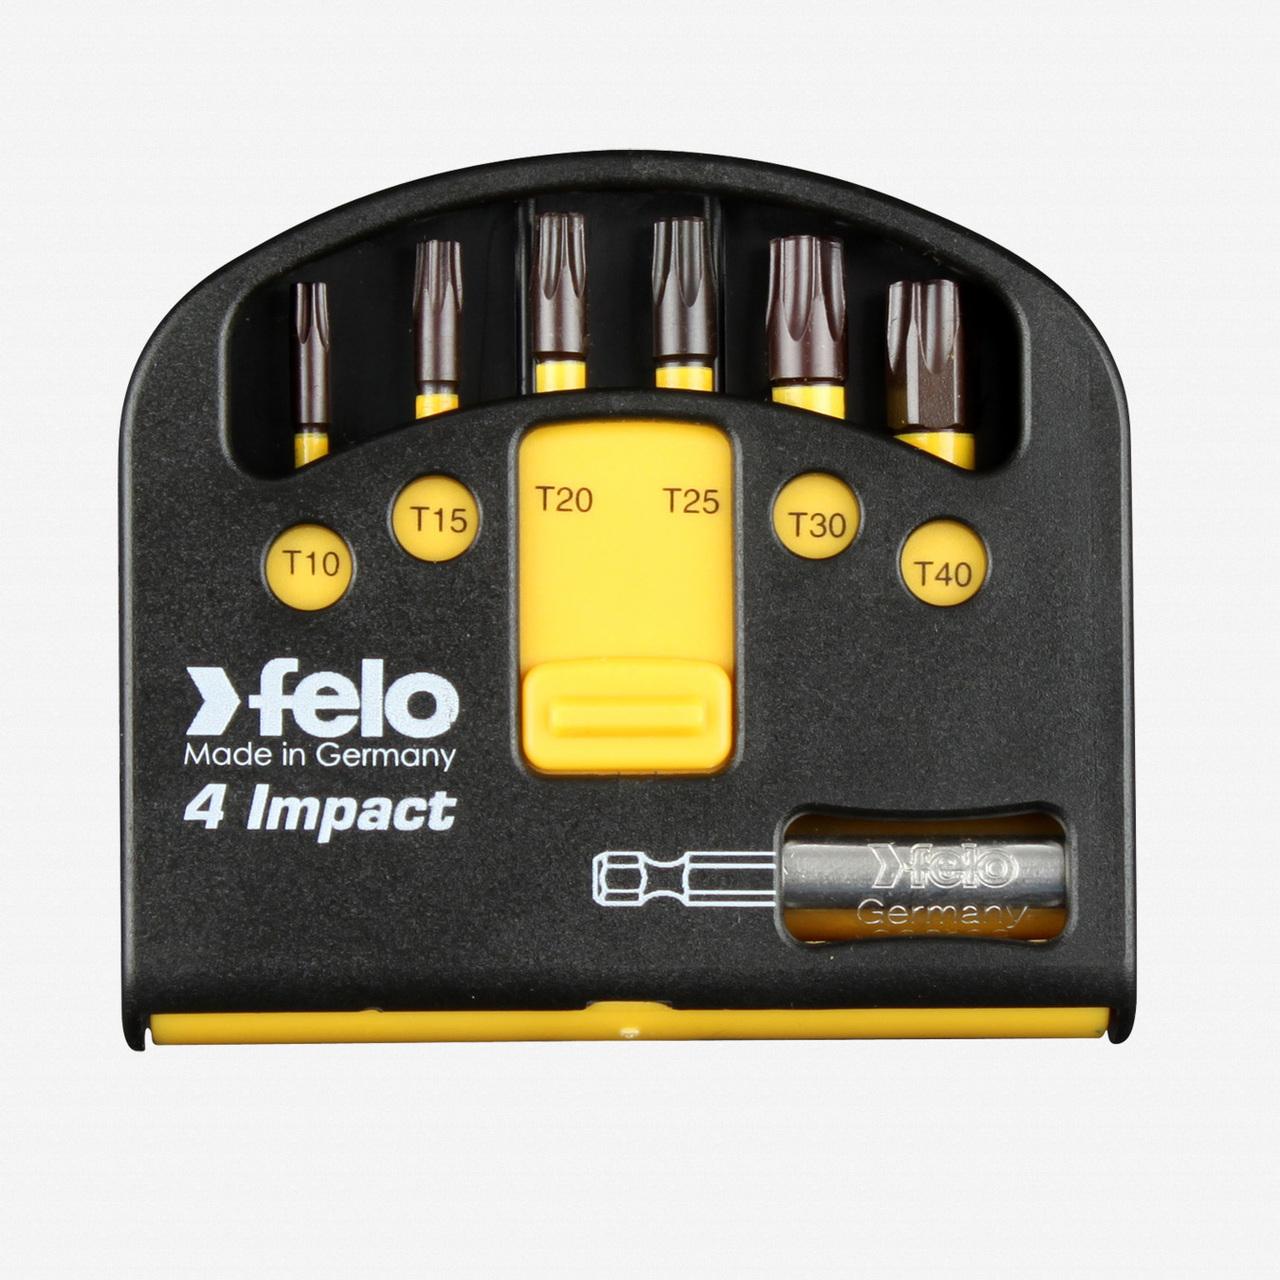 """Felo 63055 Torx Impact Bits (6) and Bitholder in Box - T10 / T15 / T20 / T25 / T30 / T40 x 1/4"""" - KC Tool"""